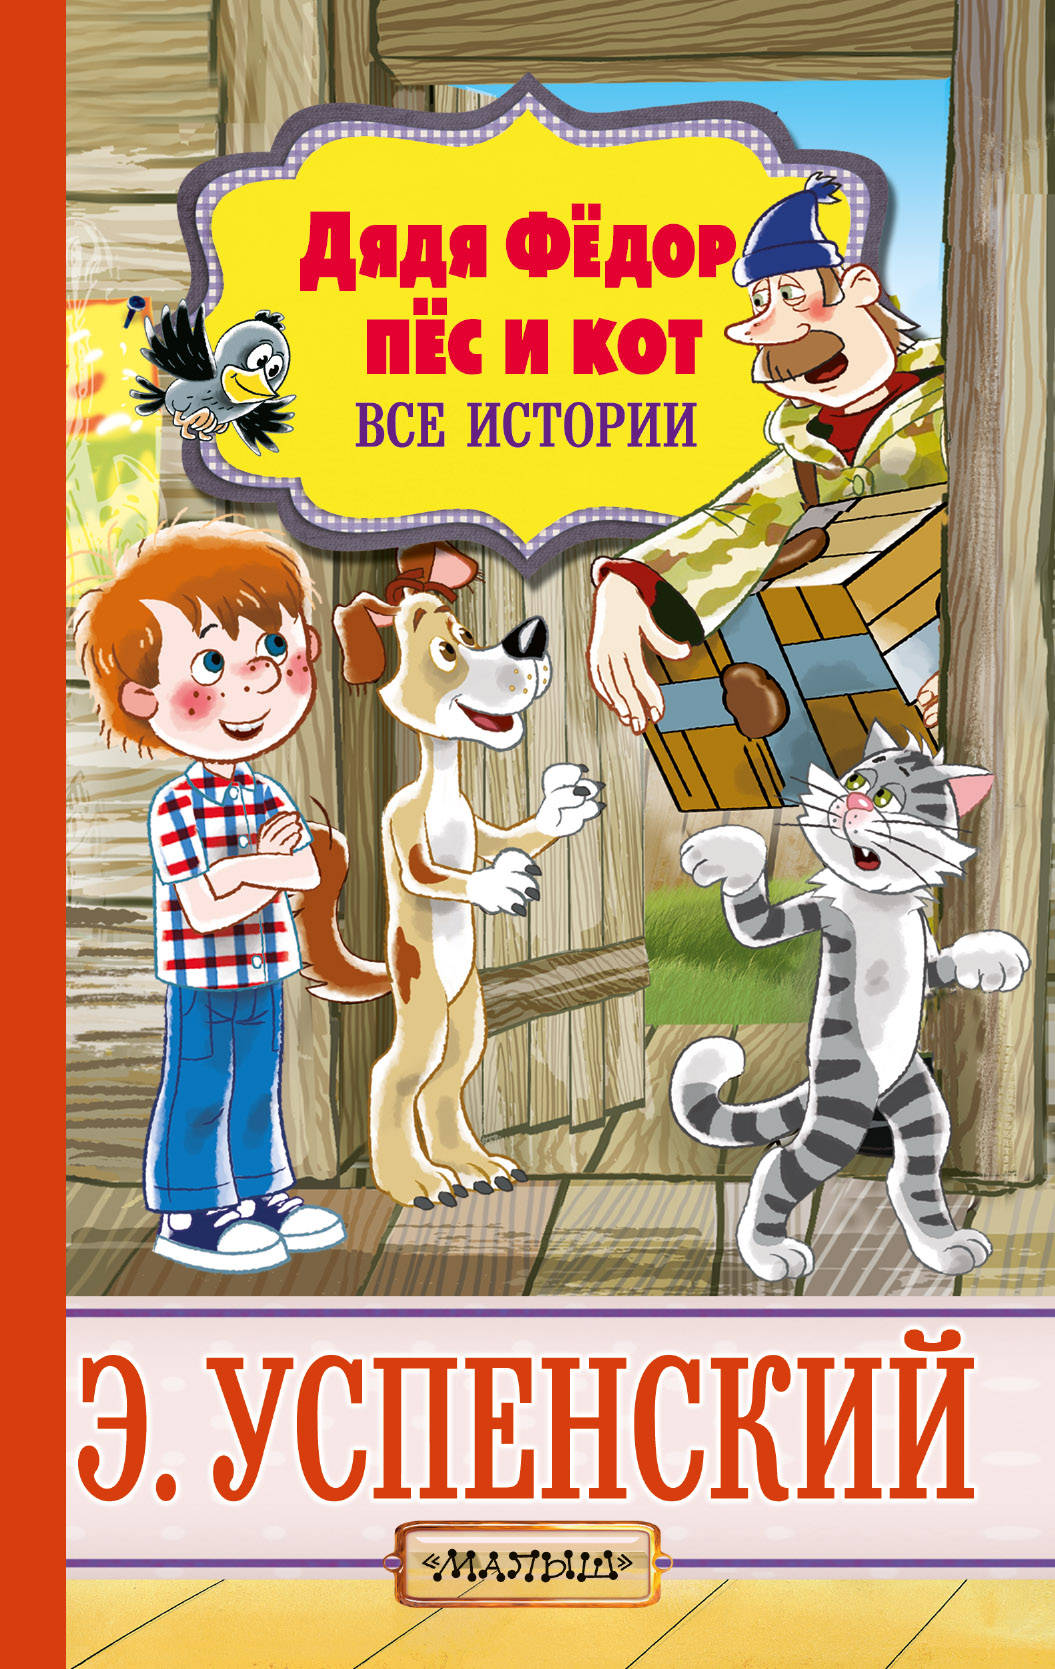 Э. Успенский Дядя Фёдор, пёс и кот. Все истории эдуард успенский дядя фёдор пёс и кот все истории